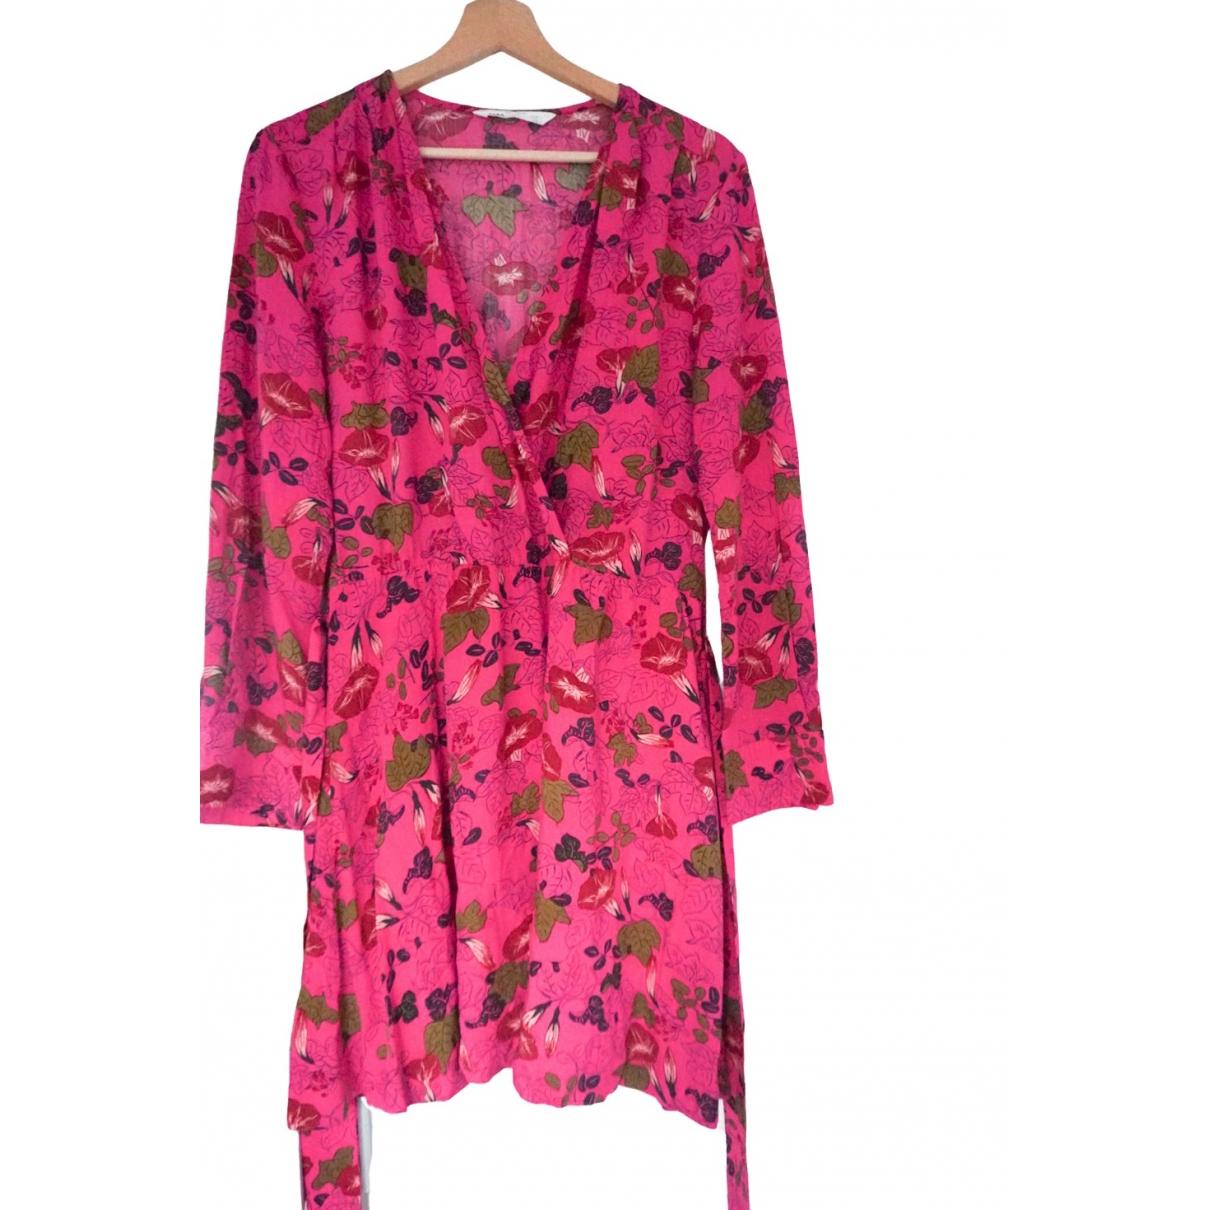 Zara \N Kleid in  Rosa Baumwolle